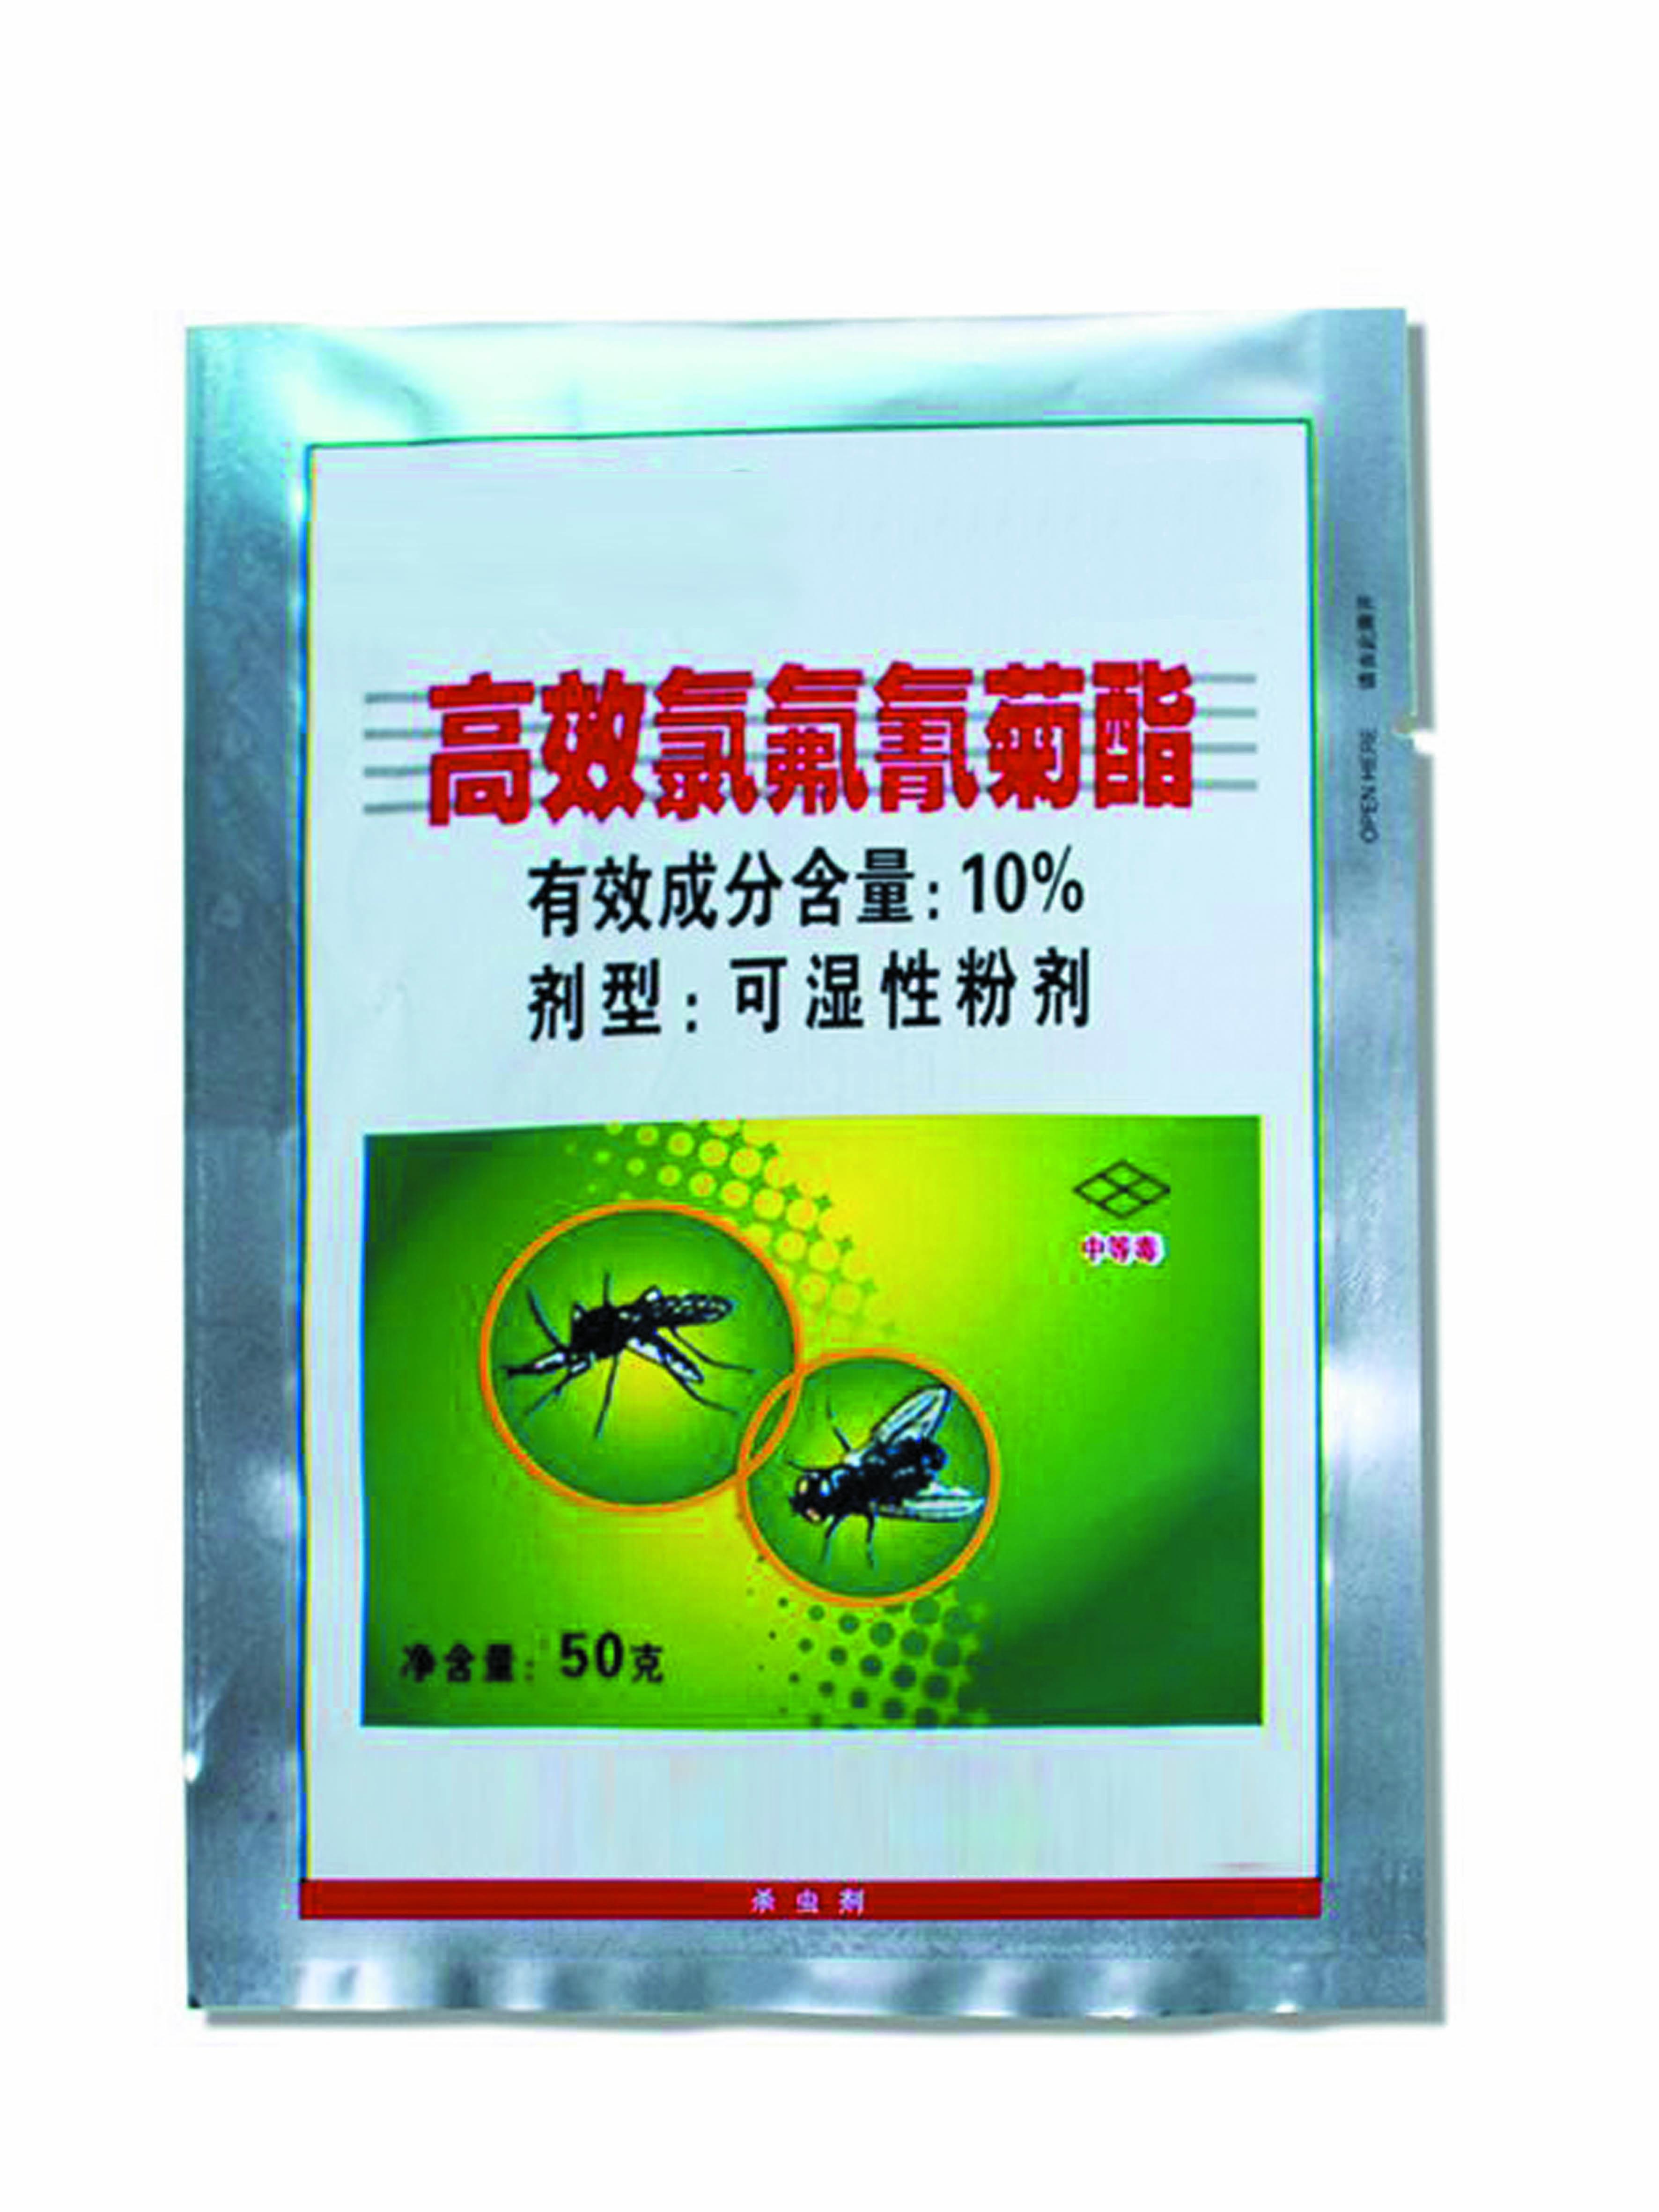 甘肃供应10%高效氯氟氰菊酯可湿性粉剂